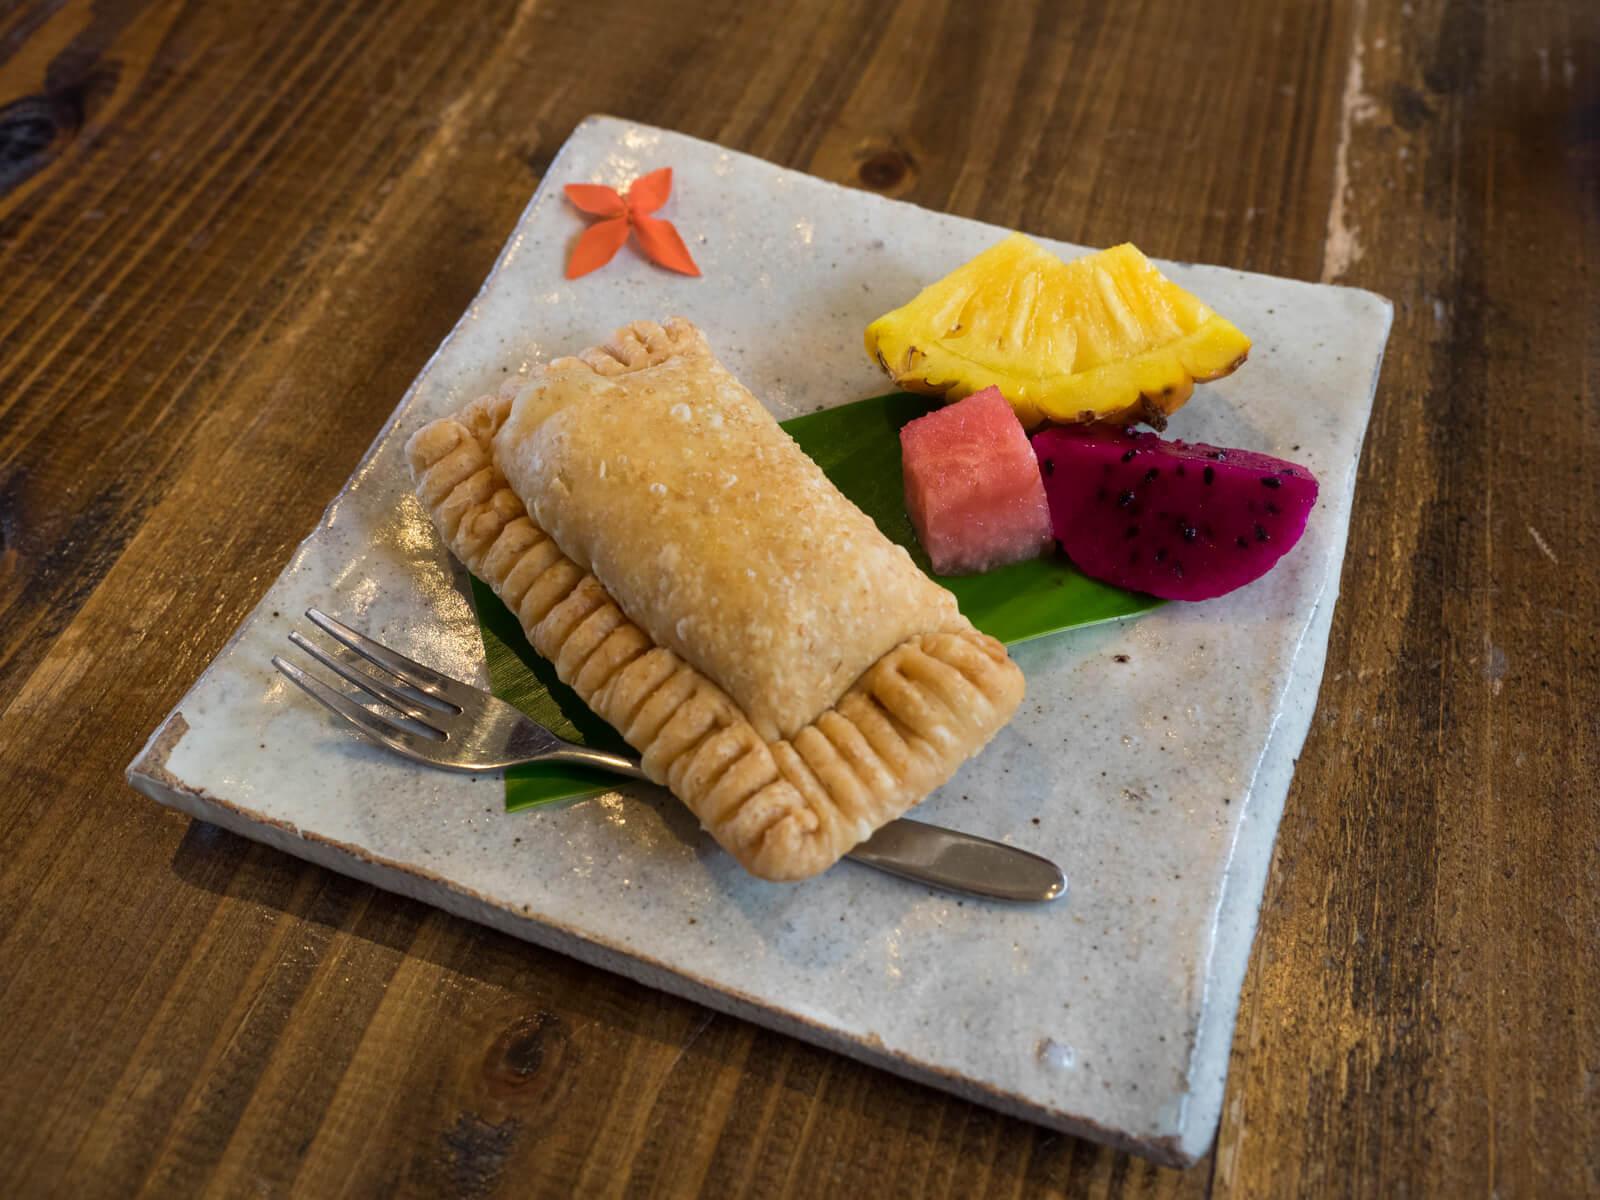 ホットパイナップルパイ 付け合せに沖縄の果物